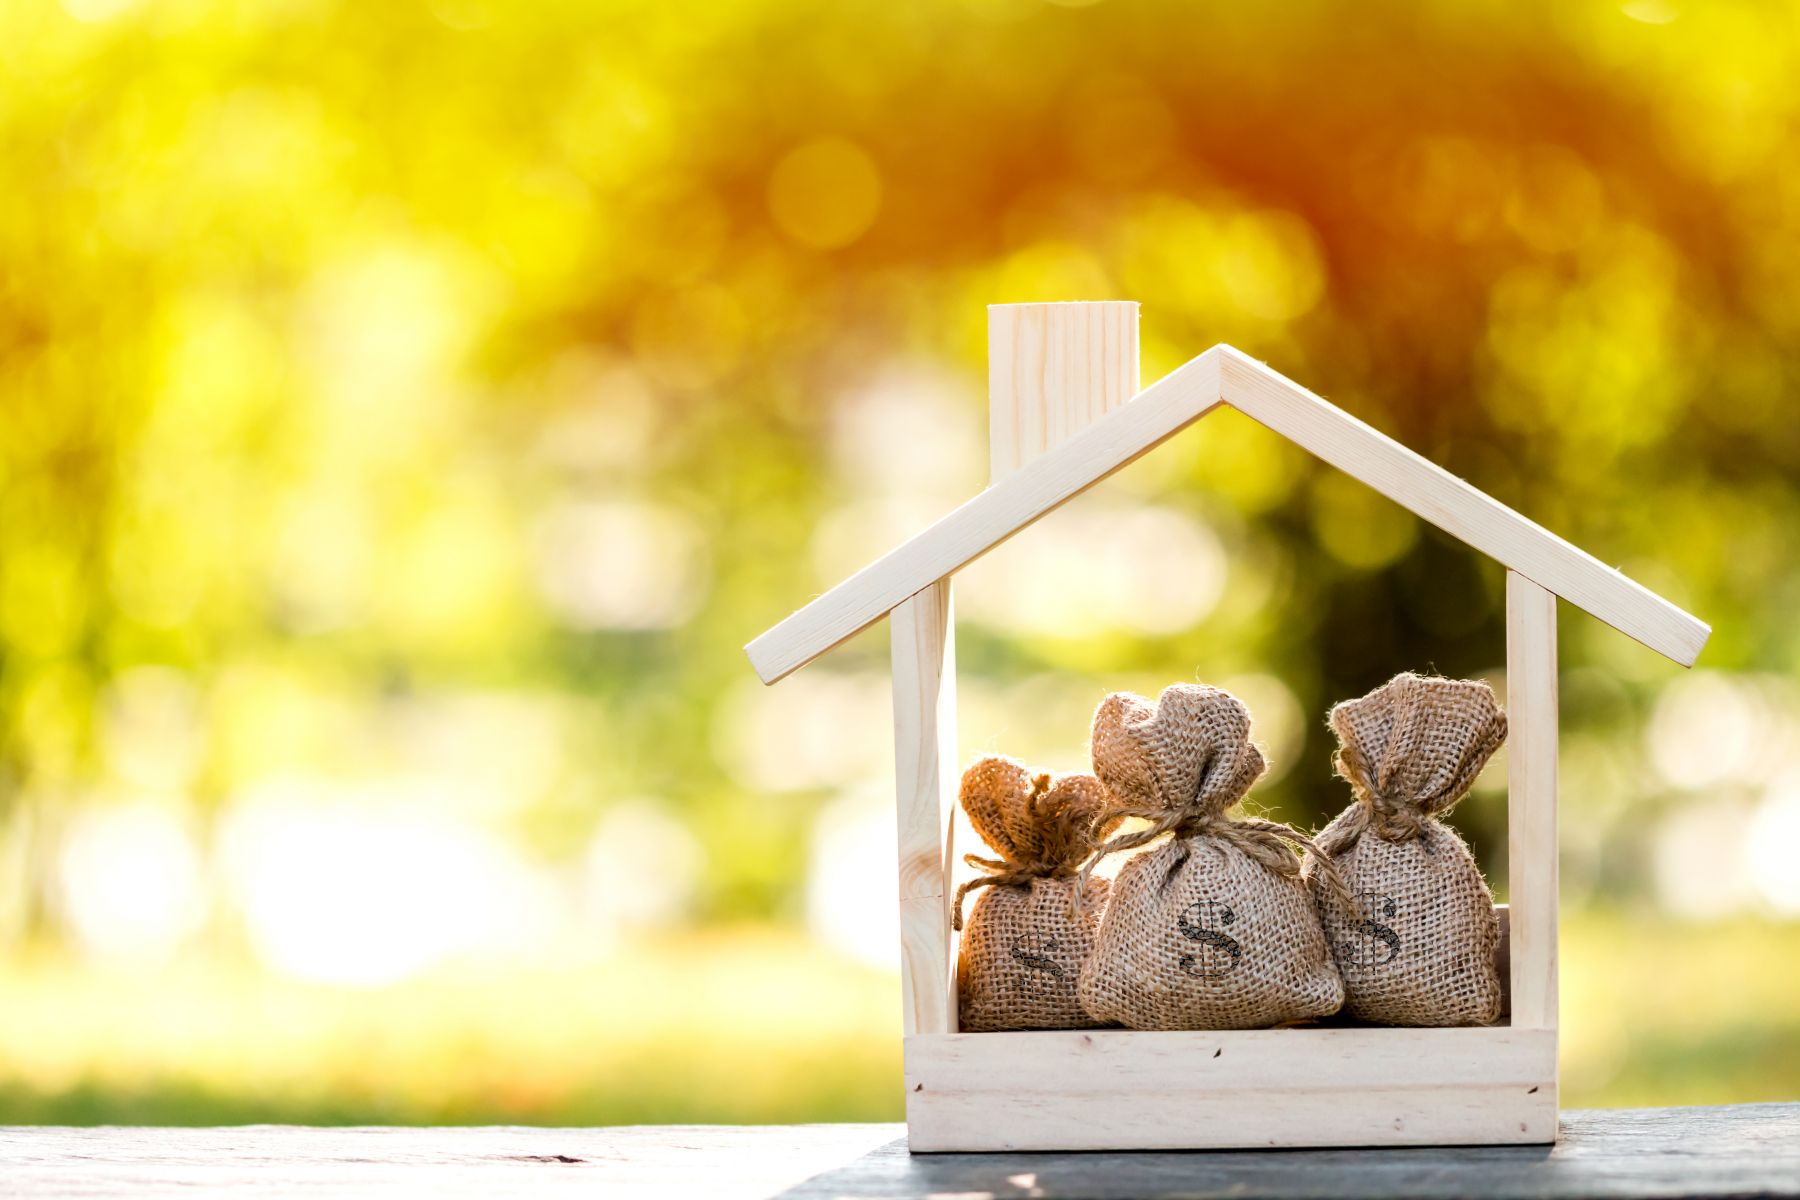 信用卡分期太多竟會影響房貸核准?專家:用「這4招」增加銀行好感度